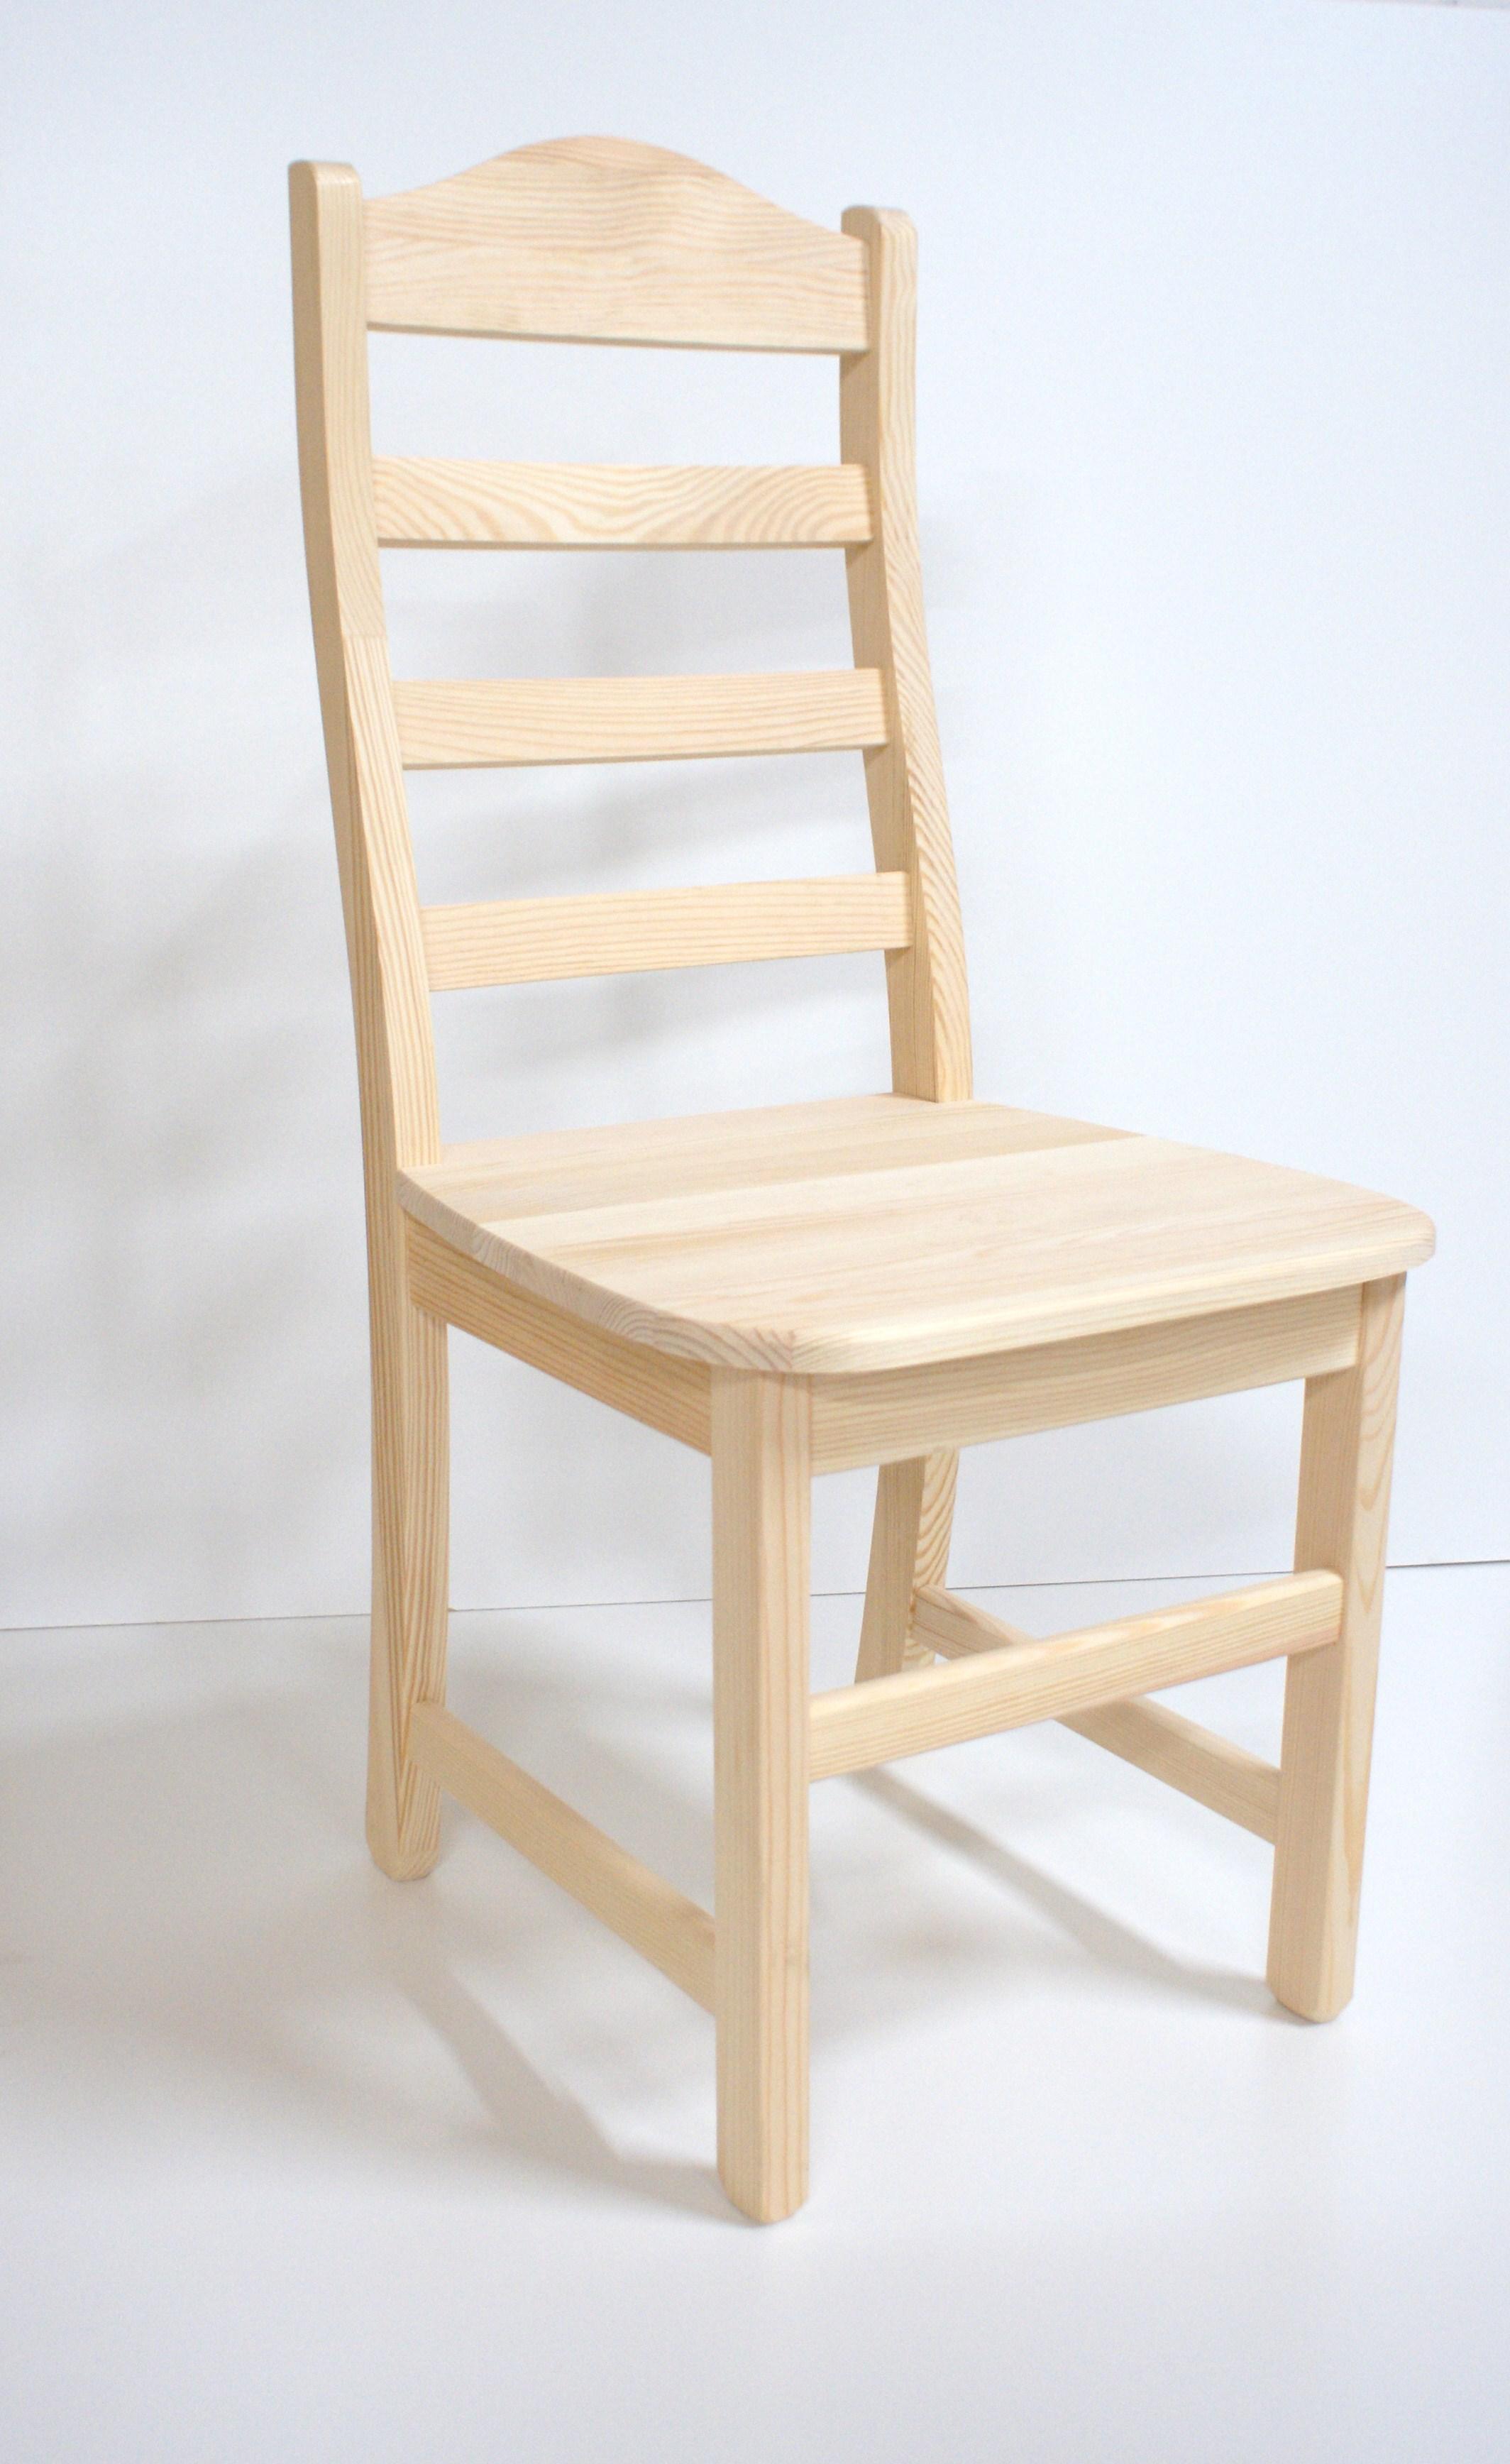 blank houten stoel amstelveen 001 meubelmakerij de